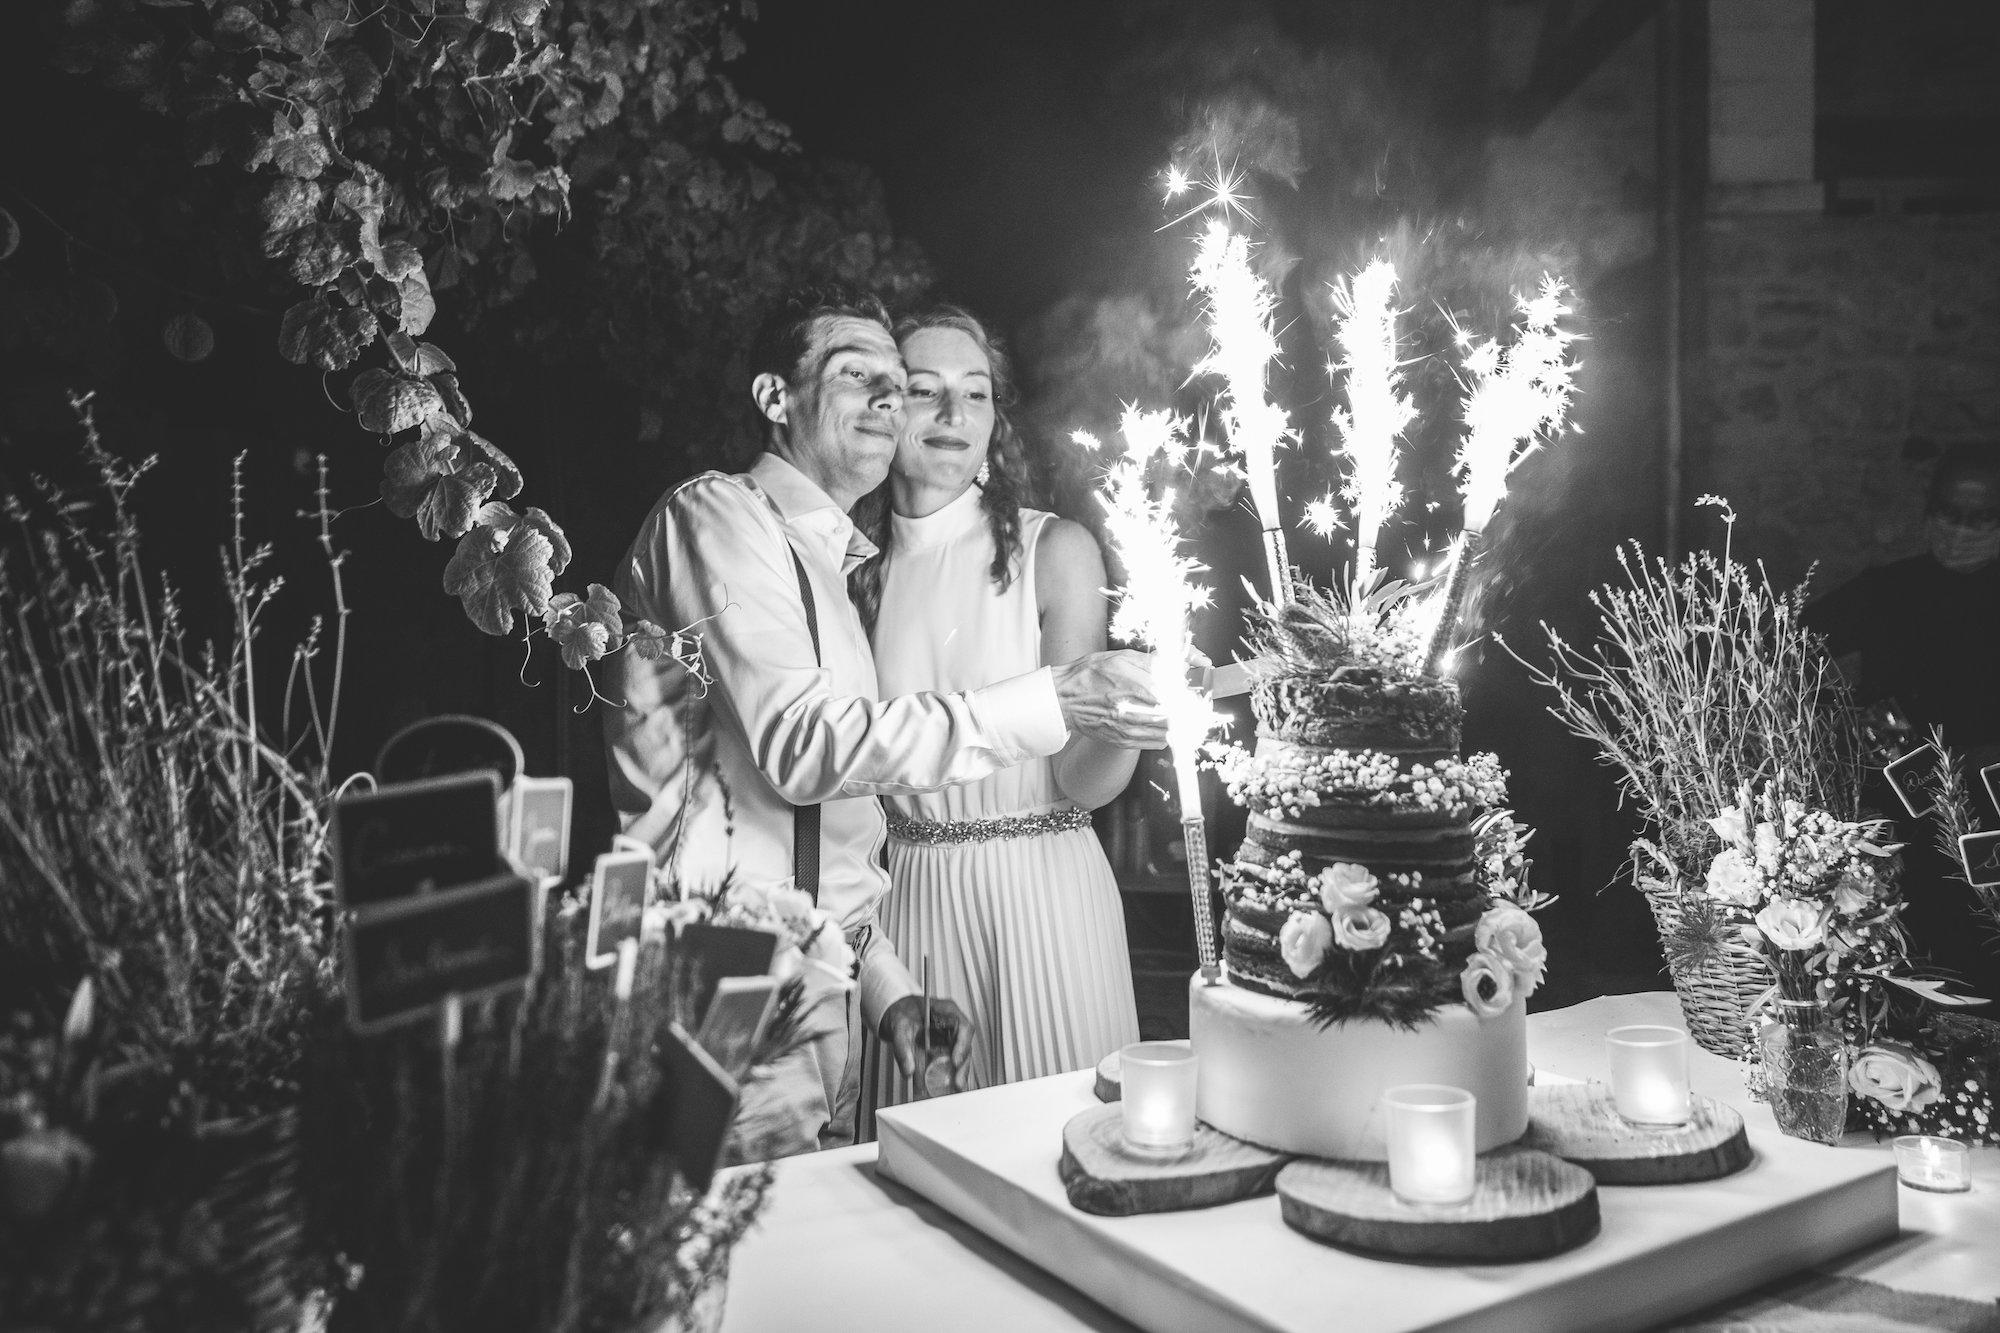 le coeur dans les etoiles - wedding planner - gard - provence - mariage provence - L&C - sebastien cabanes - wedding cake